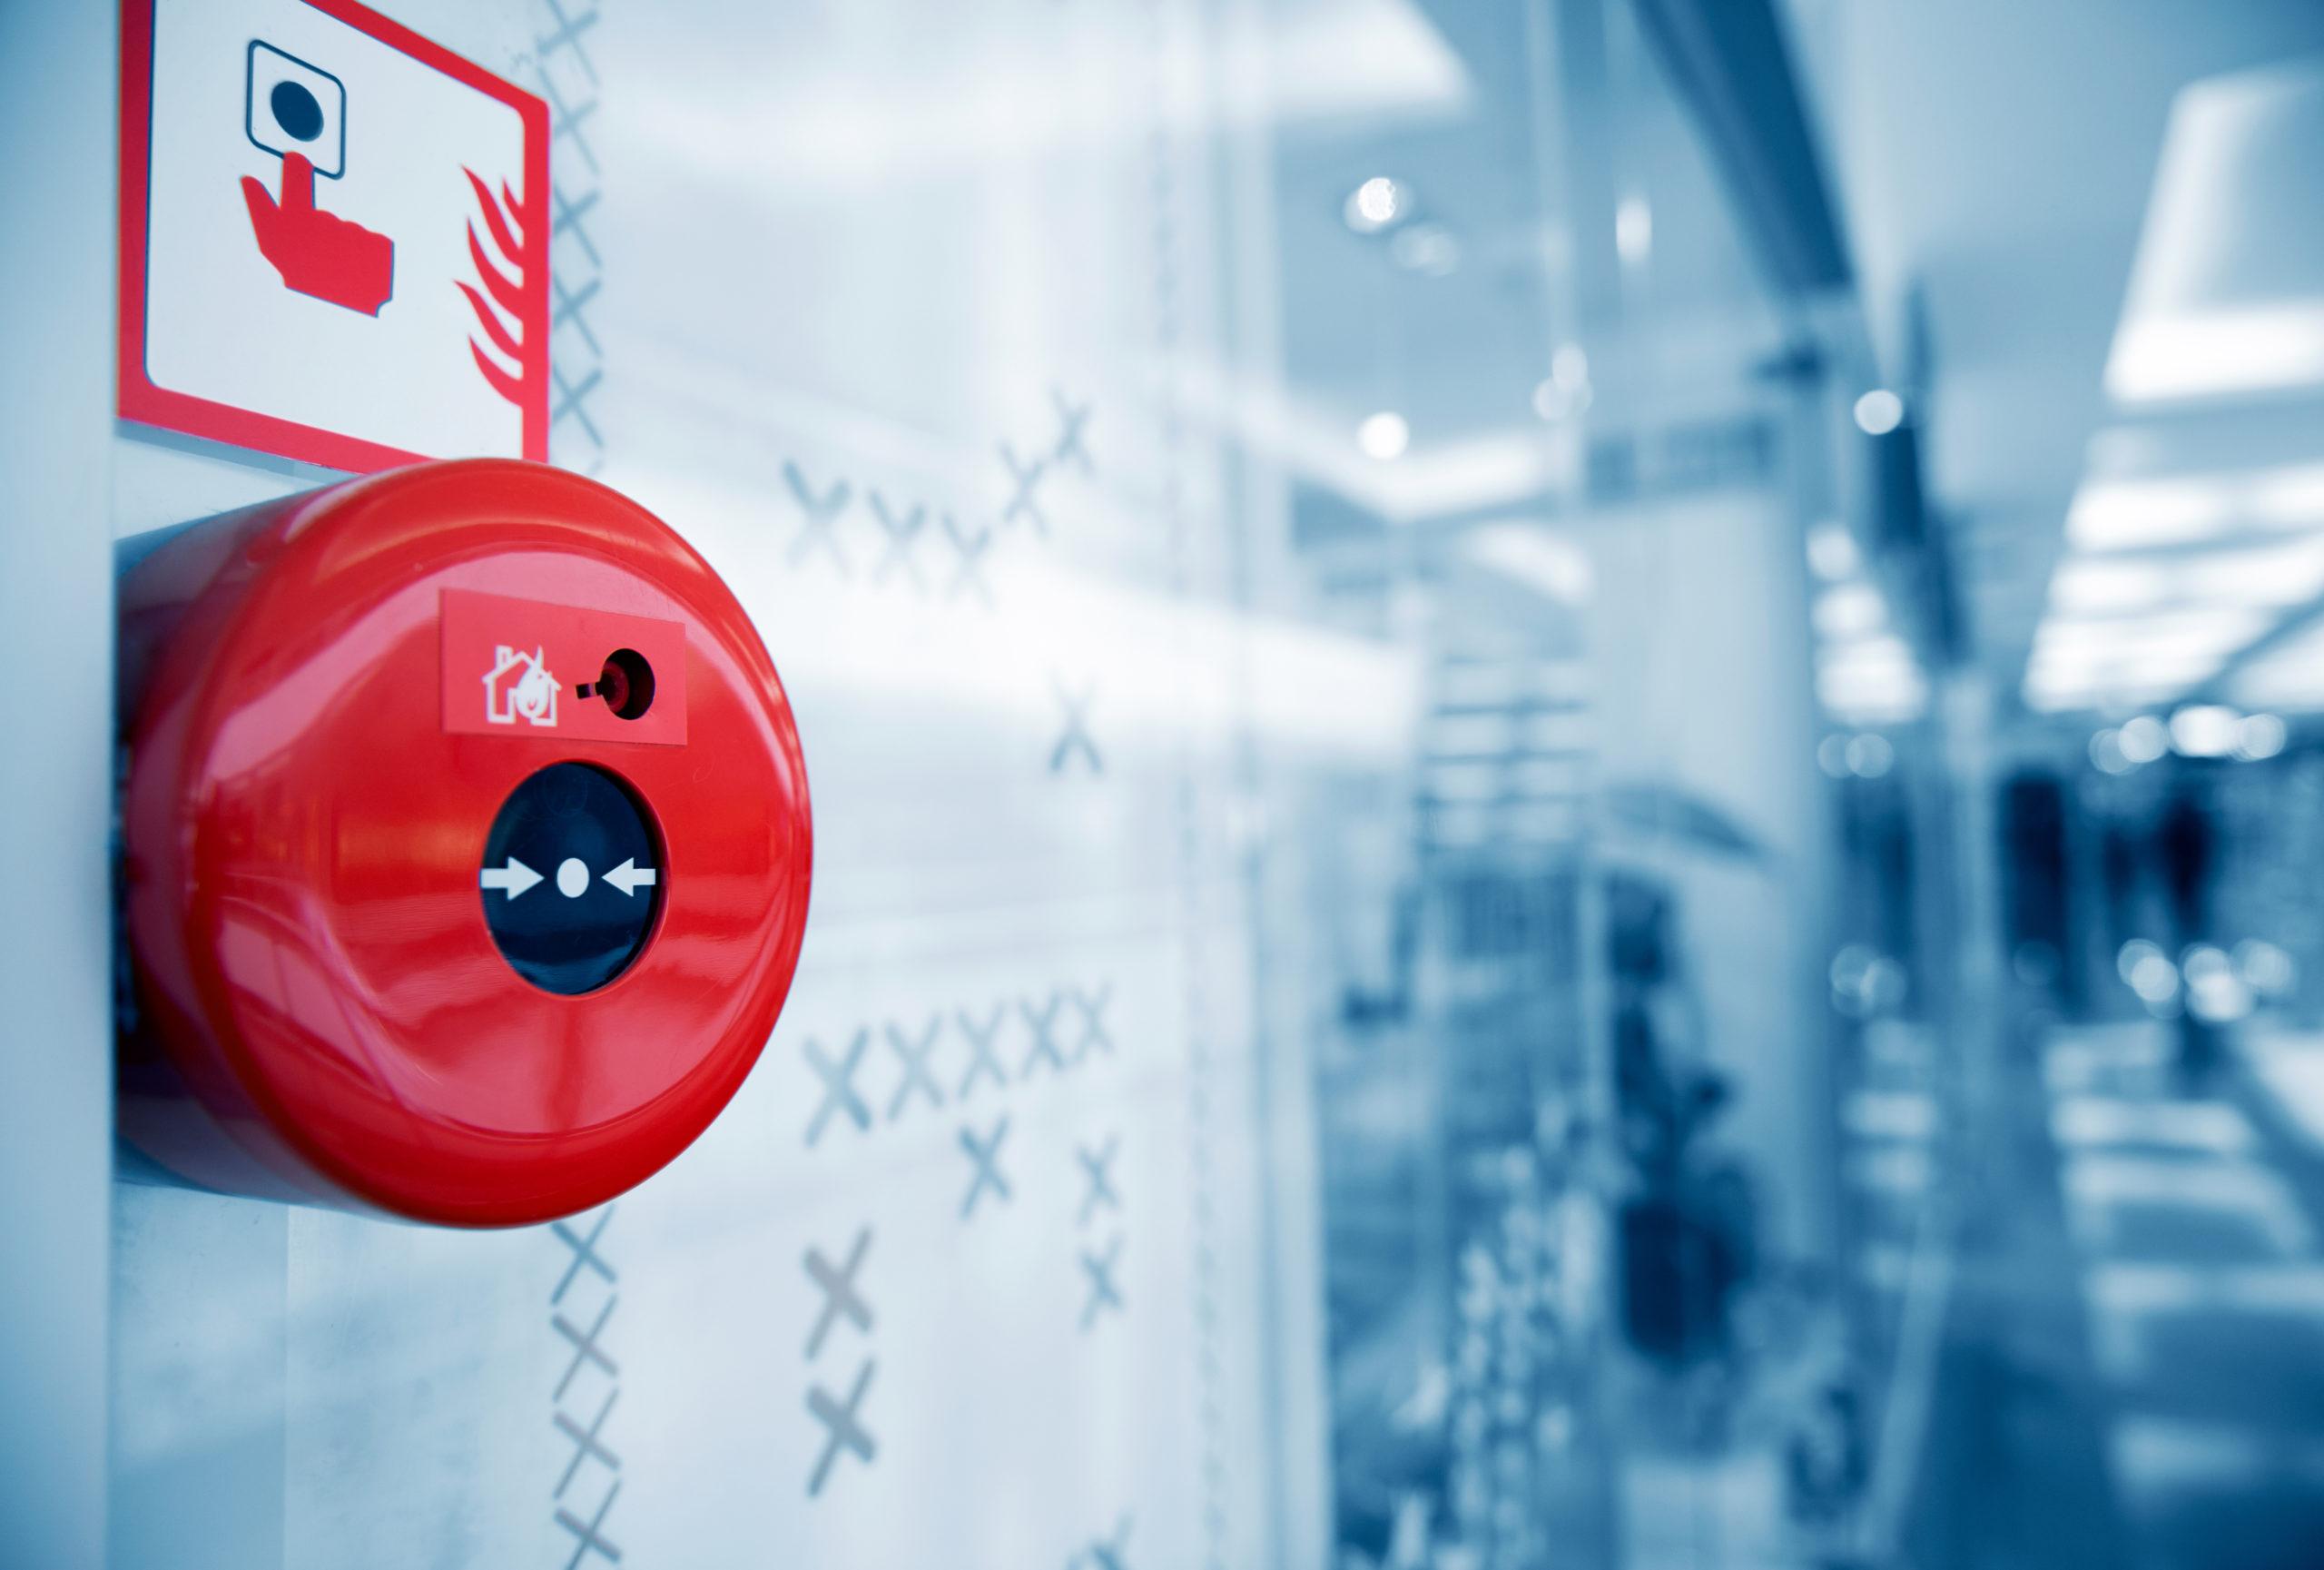 09-Fire-Alarm-p-14